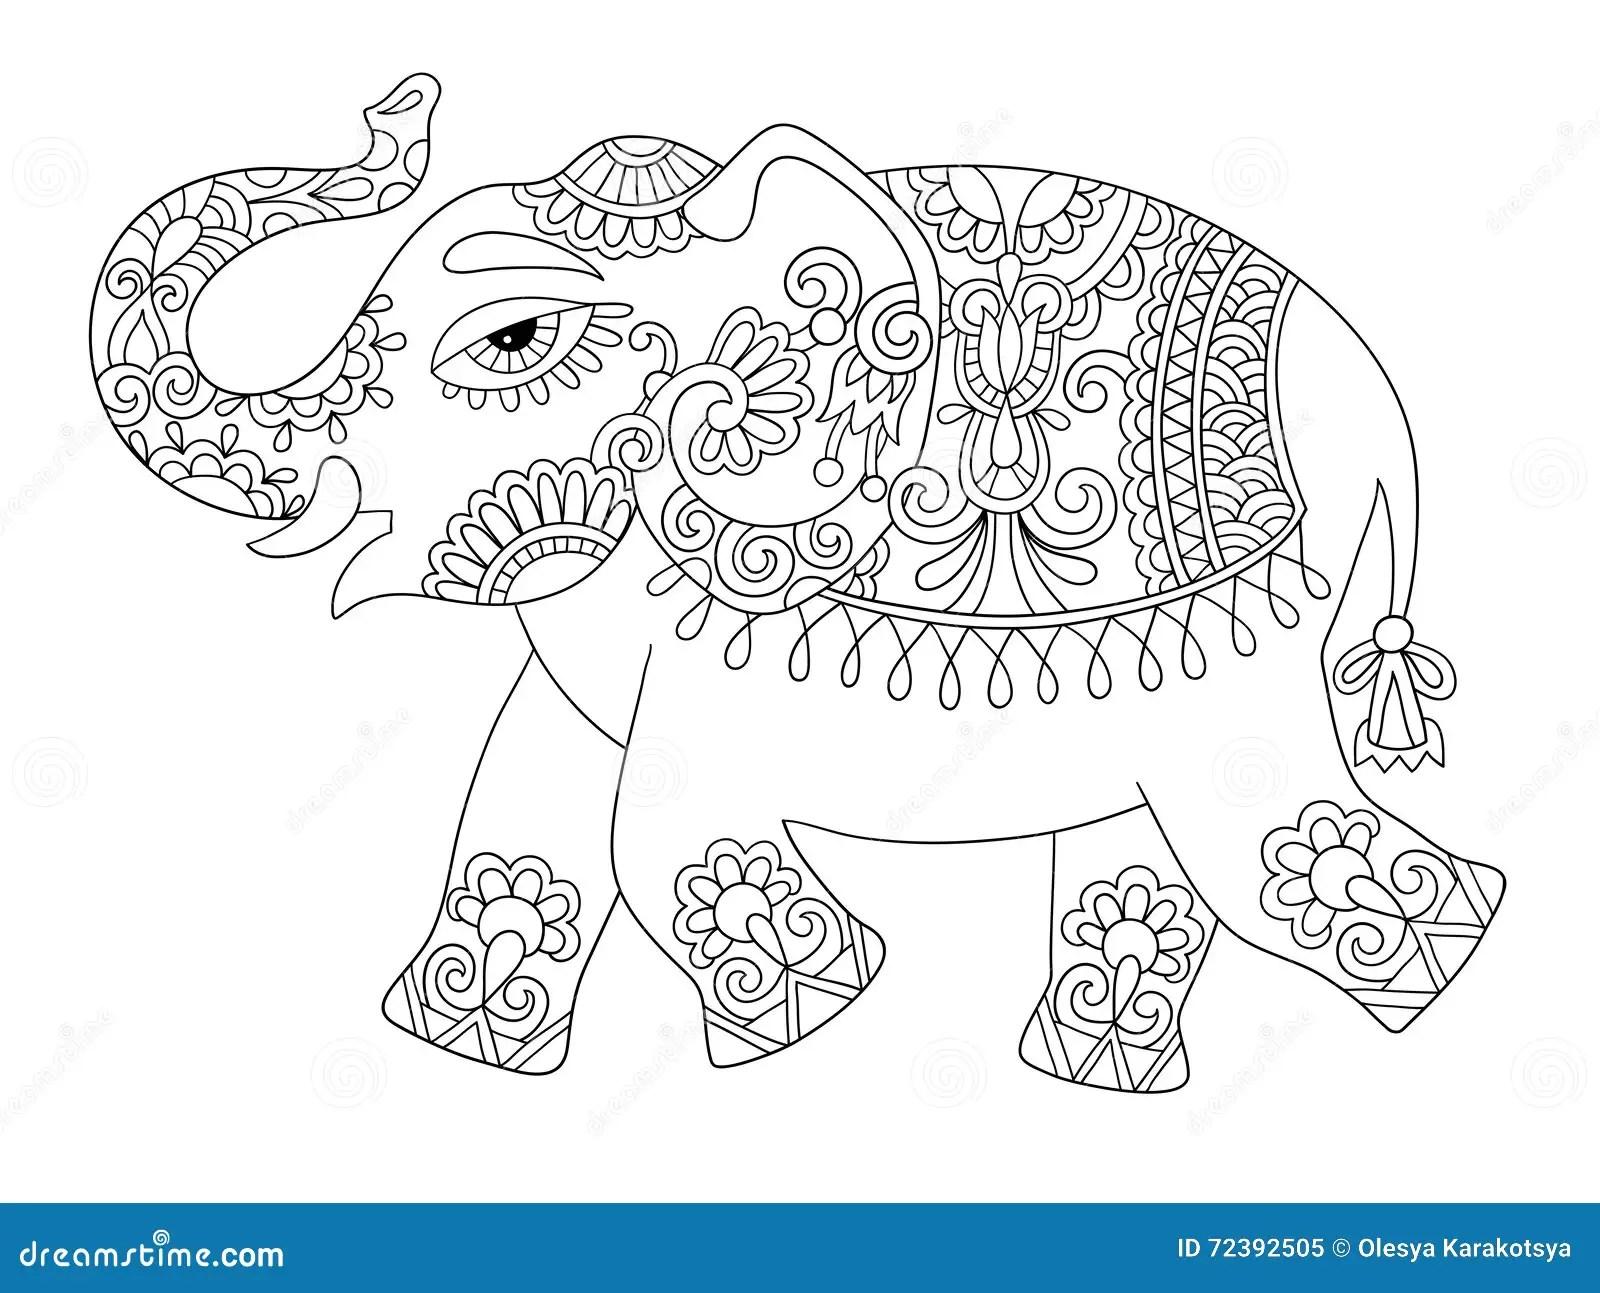 Linea Etnica Disegno Originale, Adulti Dell'elefante